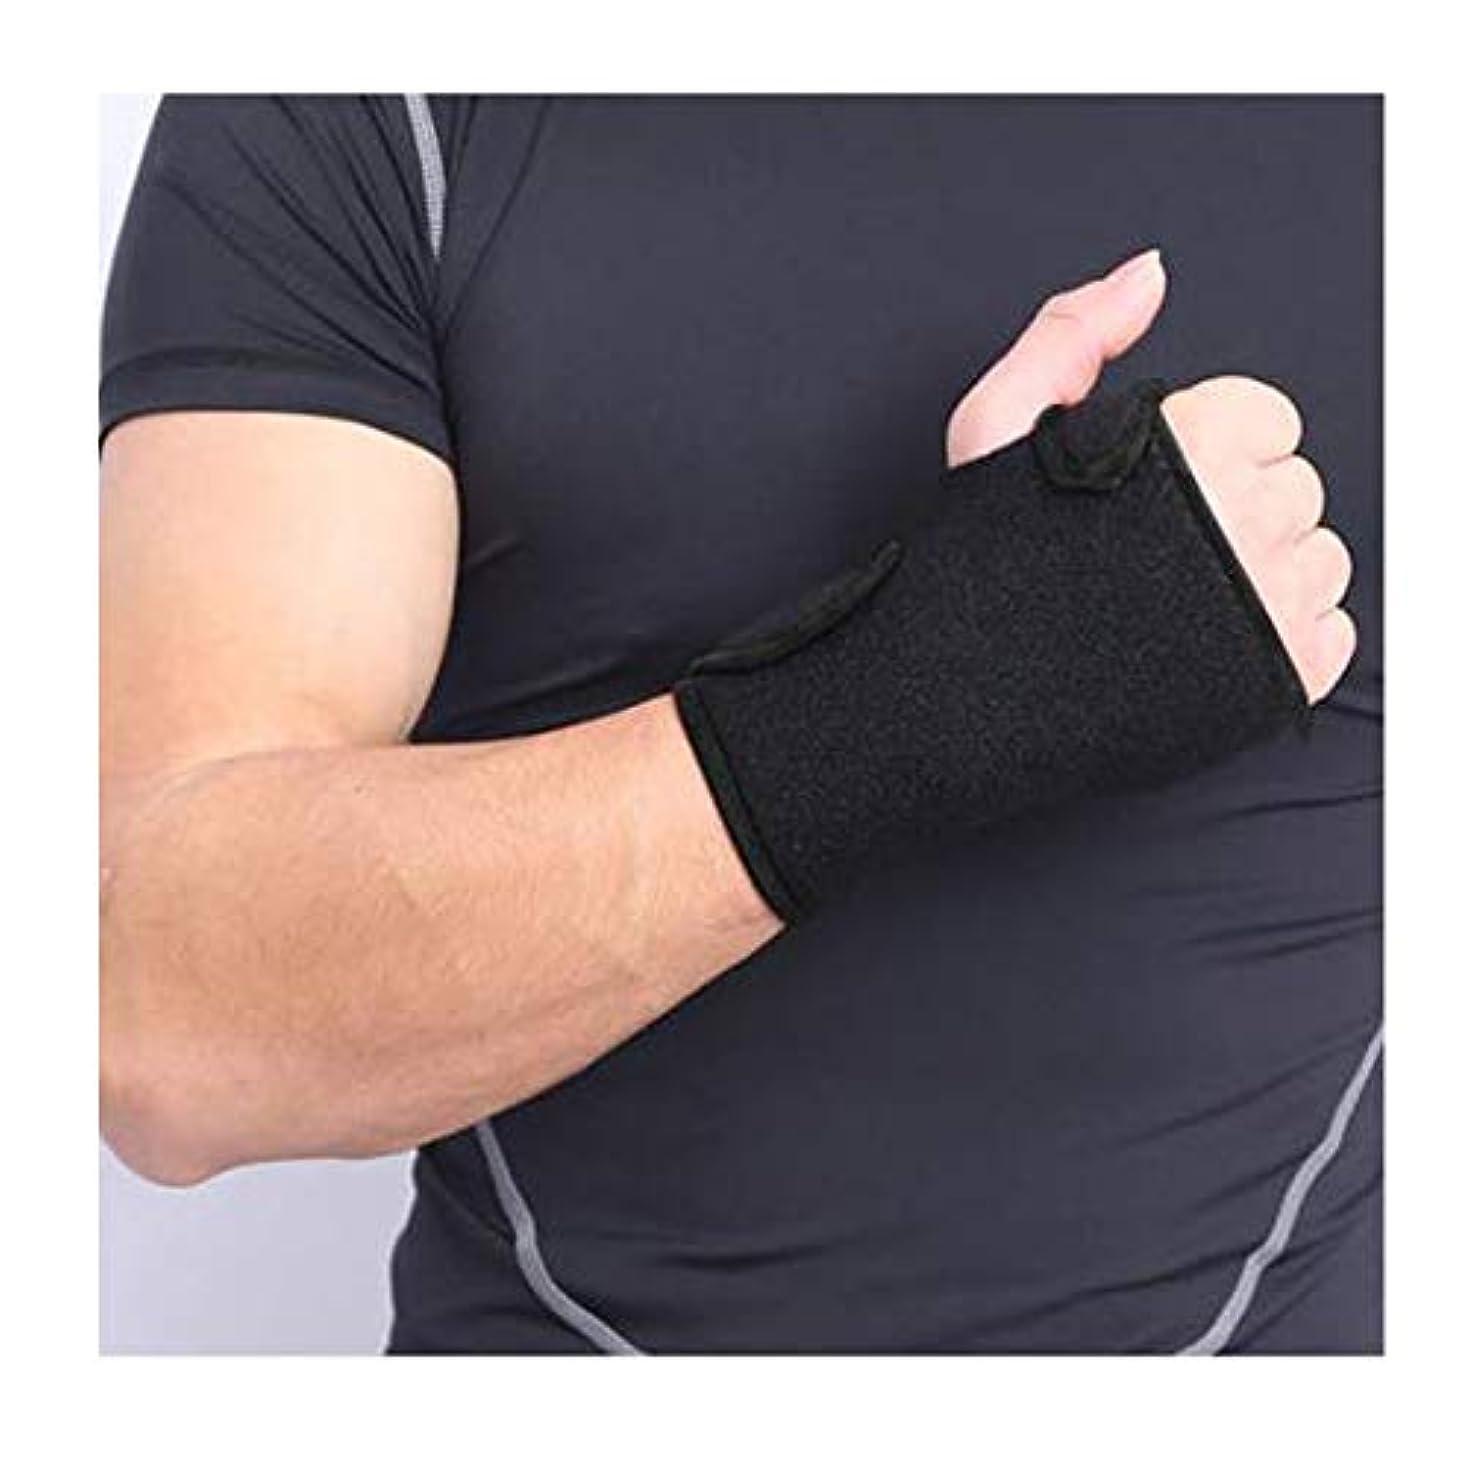 弾性手首サポート添え木ブレース、手根管、腱炎および捻tunnel用に設計された医師、手根管用クッション付き軽量スプリント,Lefthand